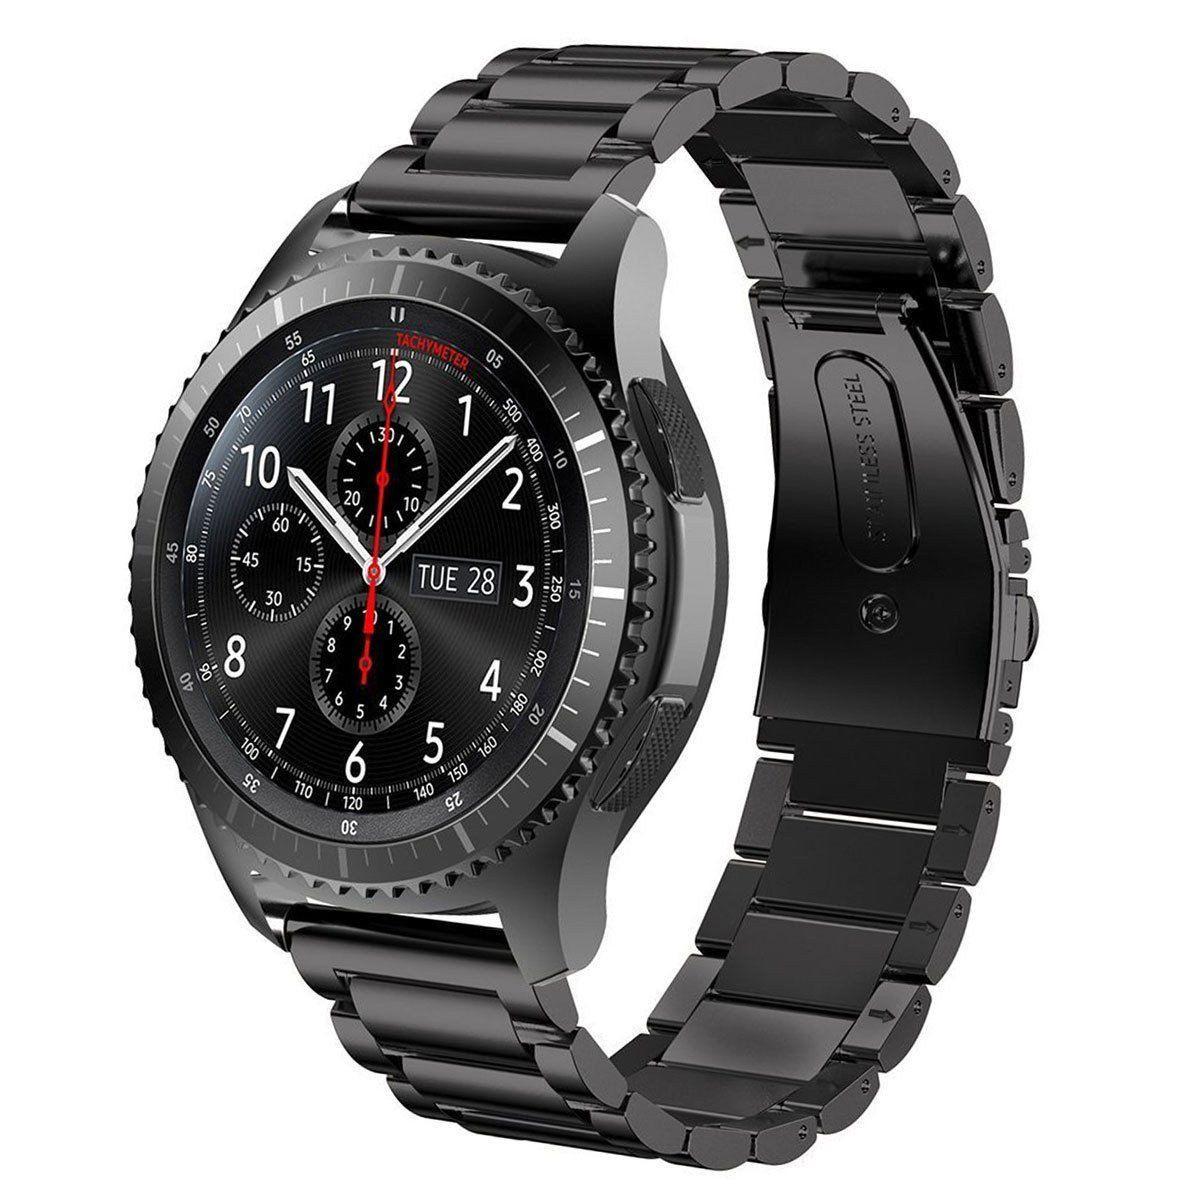 The Boss Stainless Steel Metal Watch Band Gear S3 Frontier Metal Watch Bands Watch Bands Stainless Steel Watch